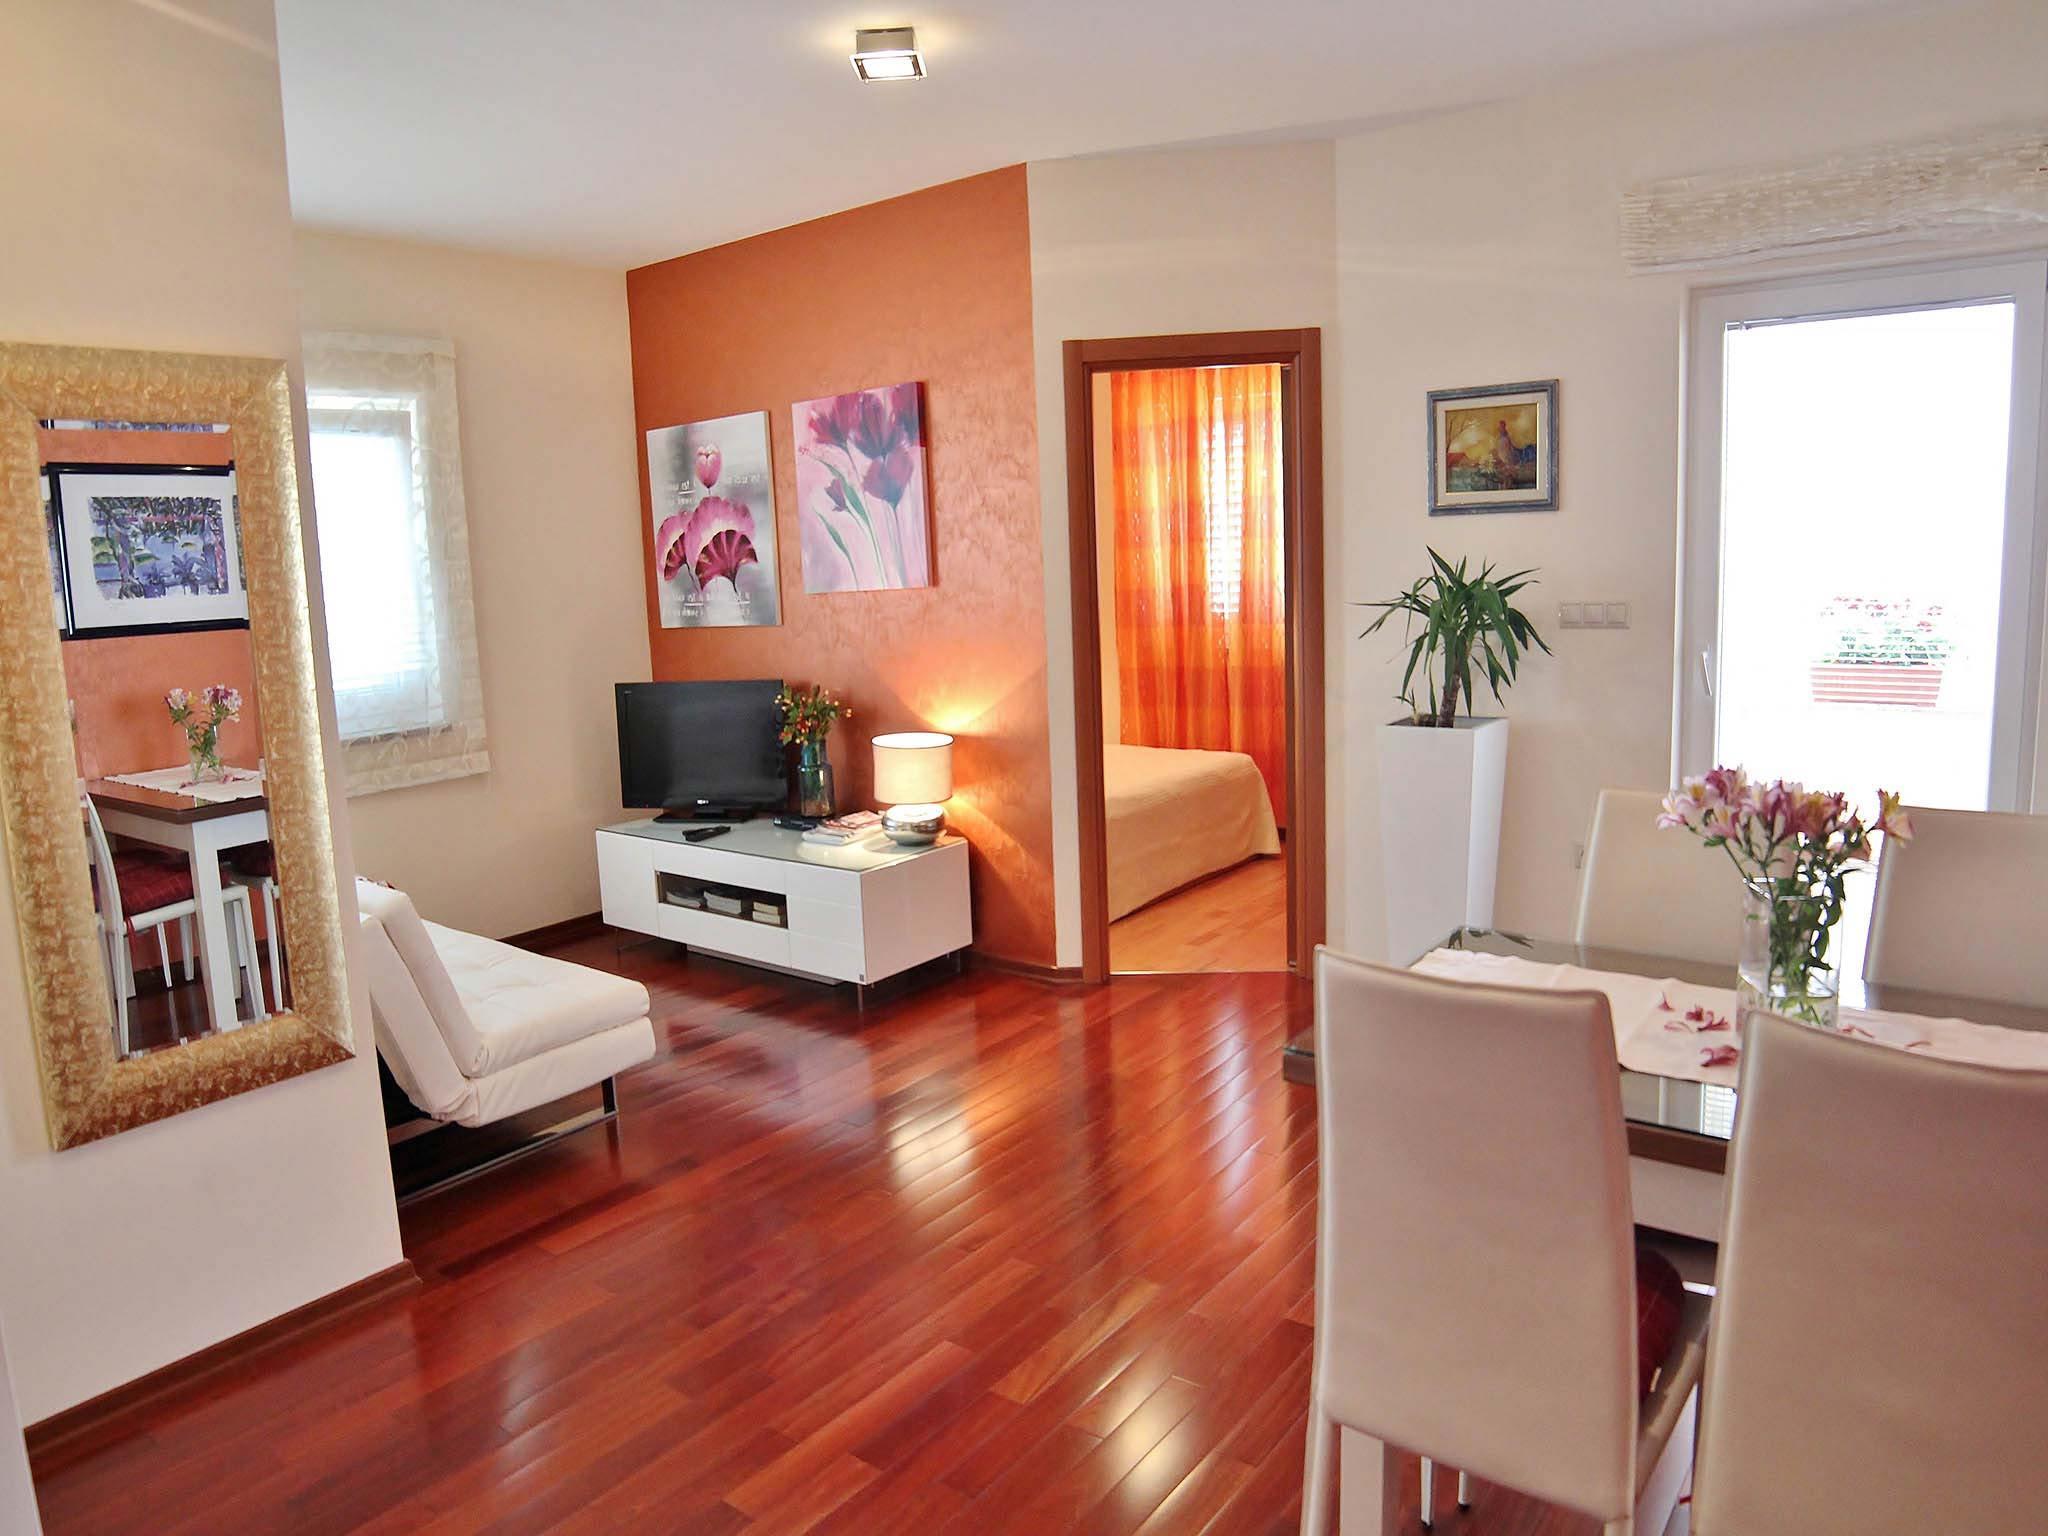 Ferienwohnung Apartment Gaga 98 (845779), Rovinj, , Istrien, Kroatien, Bild 1